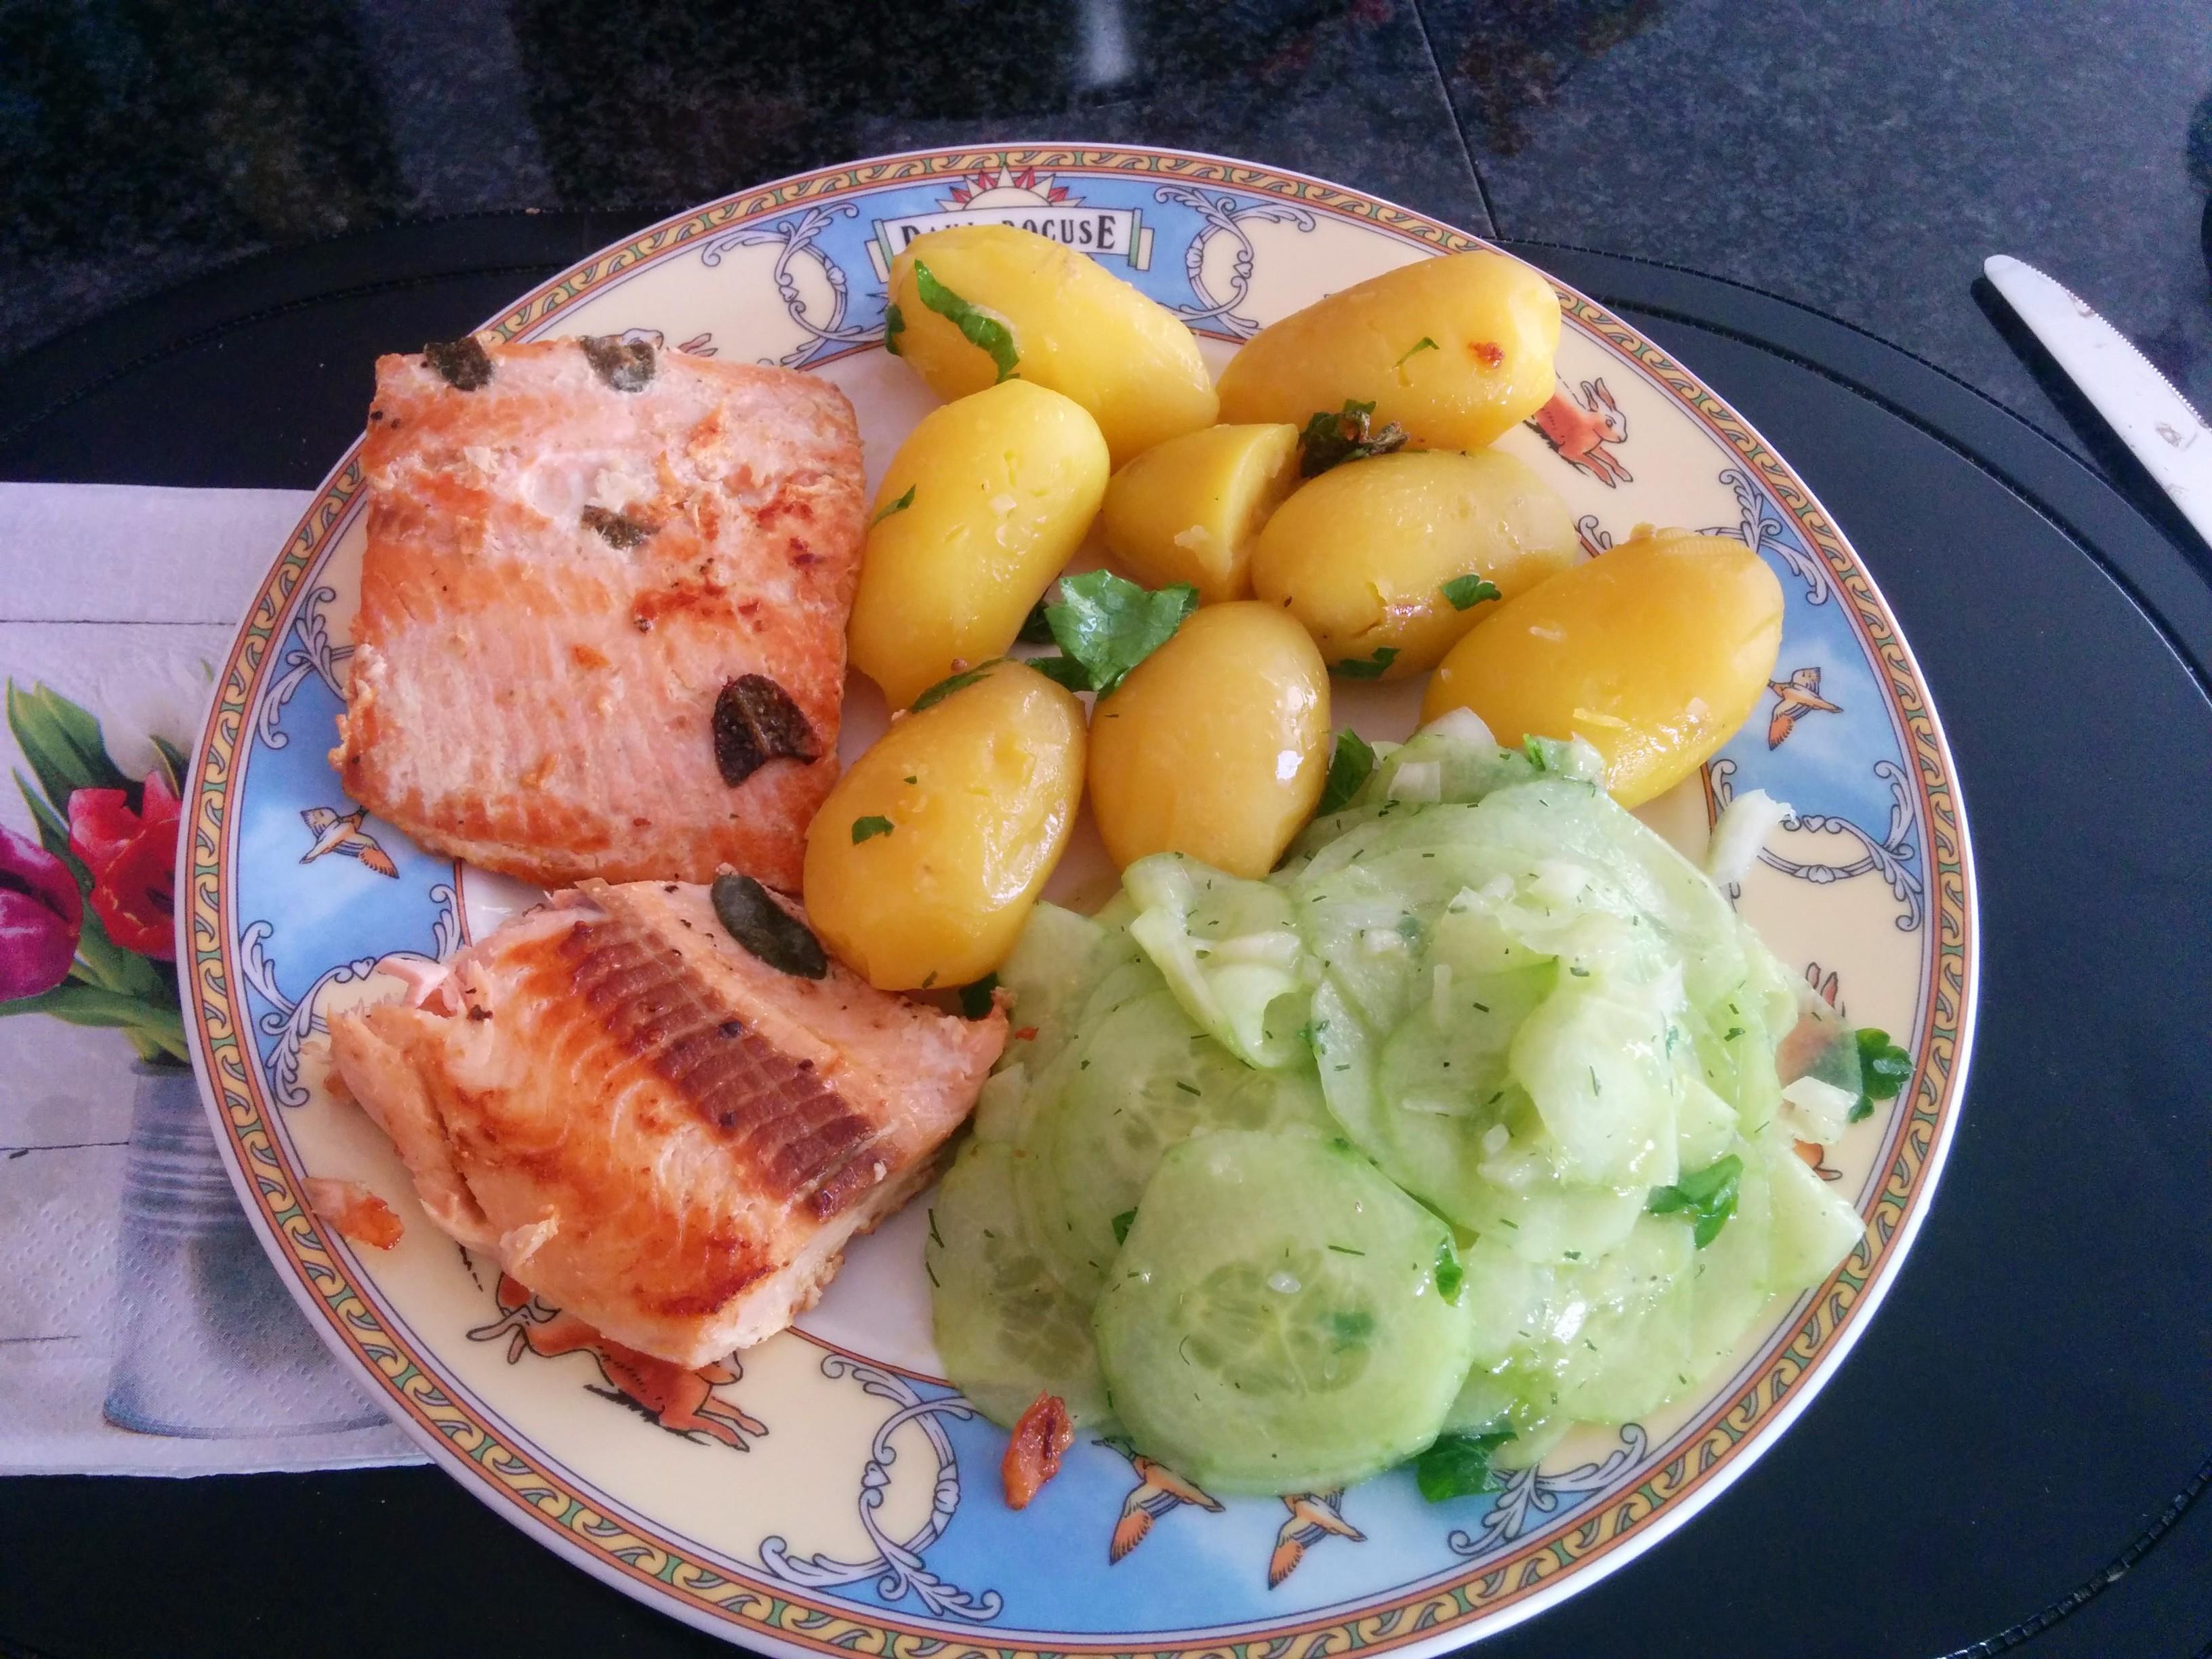 https://foodloader.net/nico_2014-03-30_wildlachs-mit-kartoffeln-und-gurkensalat.jpg